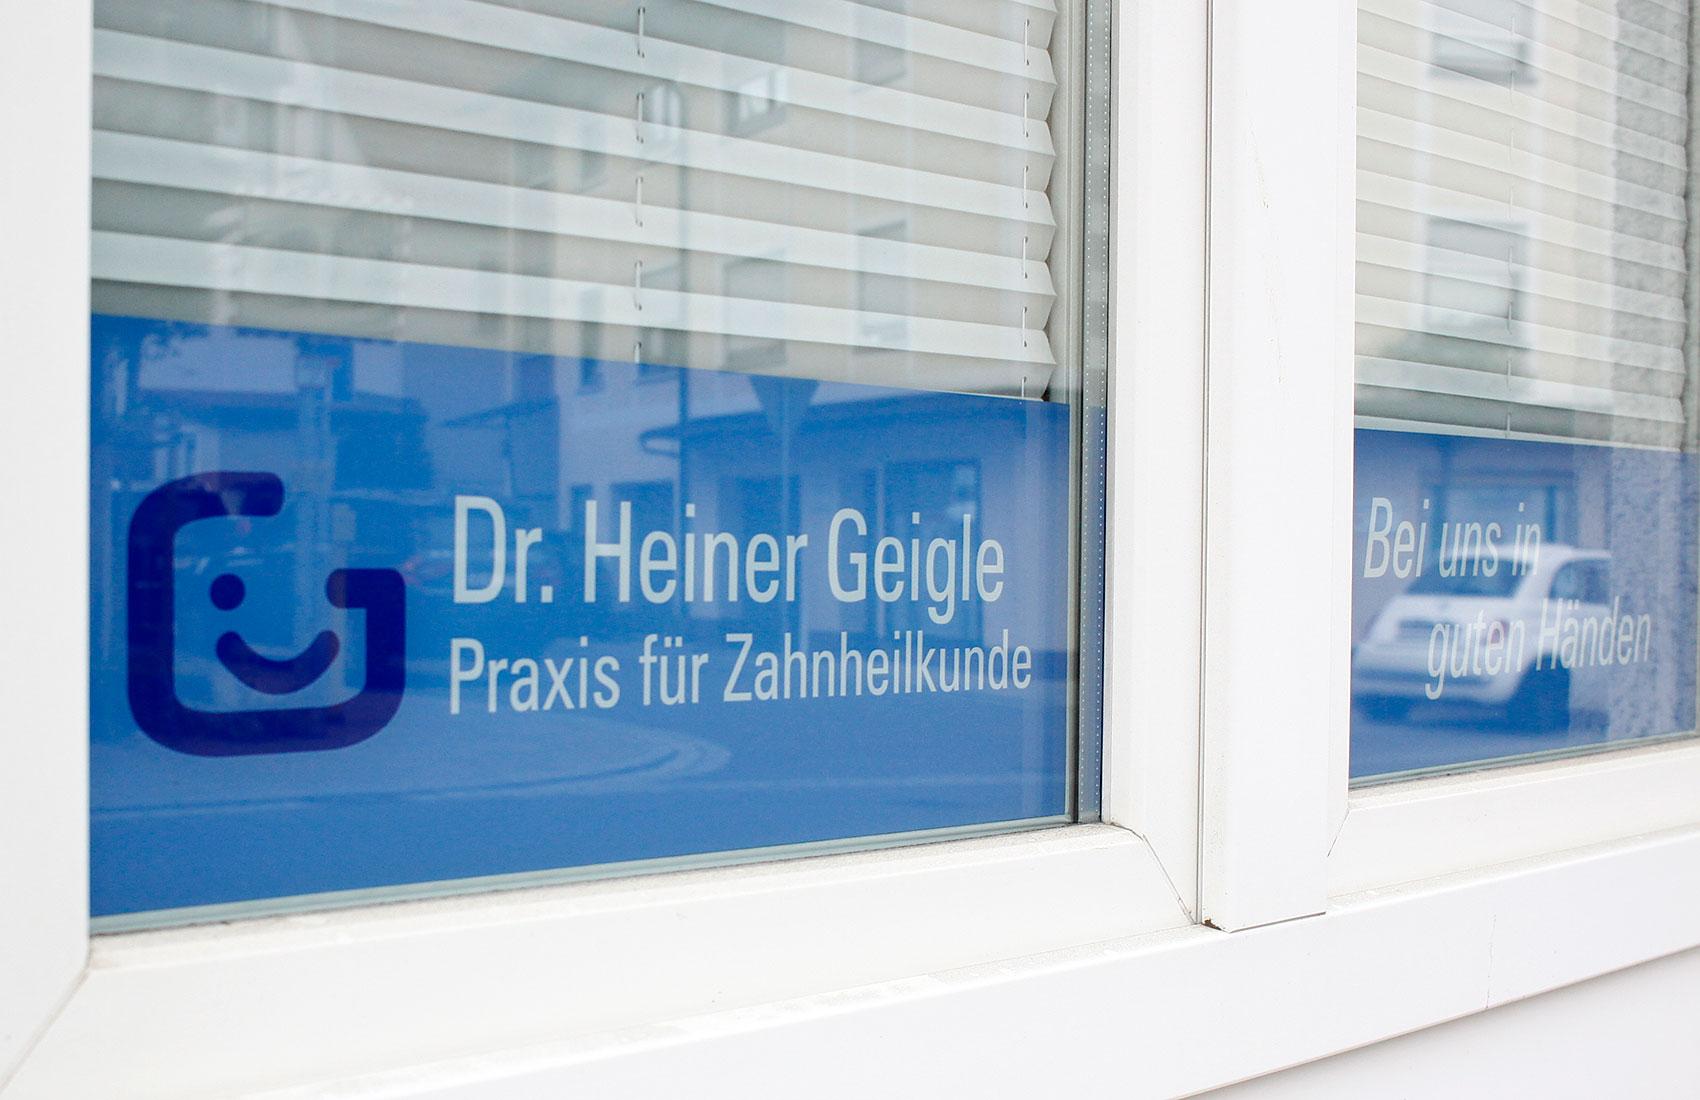 Folienbeschriftungen an den Fenstern (Fensterbeklebung) kommunizieren Telefonnummer, Webadresse, Logo und Slogan der Zahnarztpraxis.